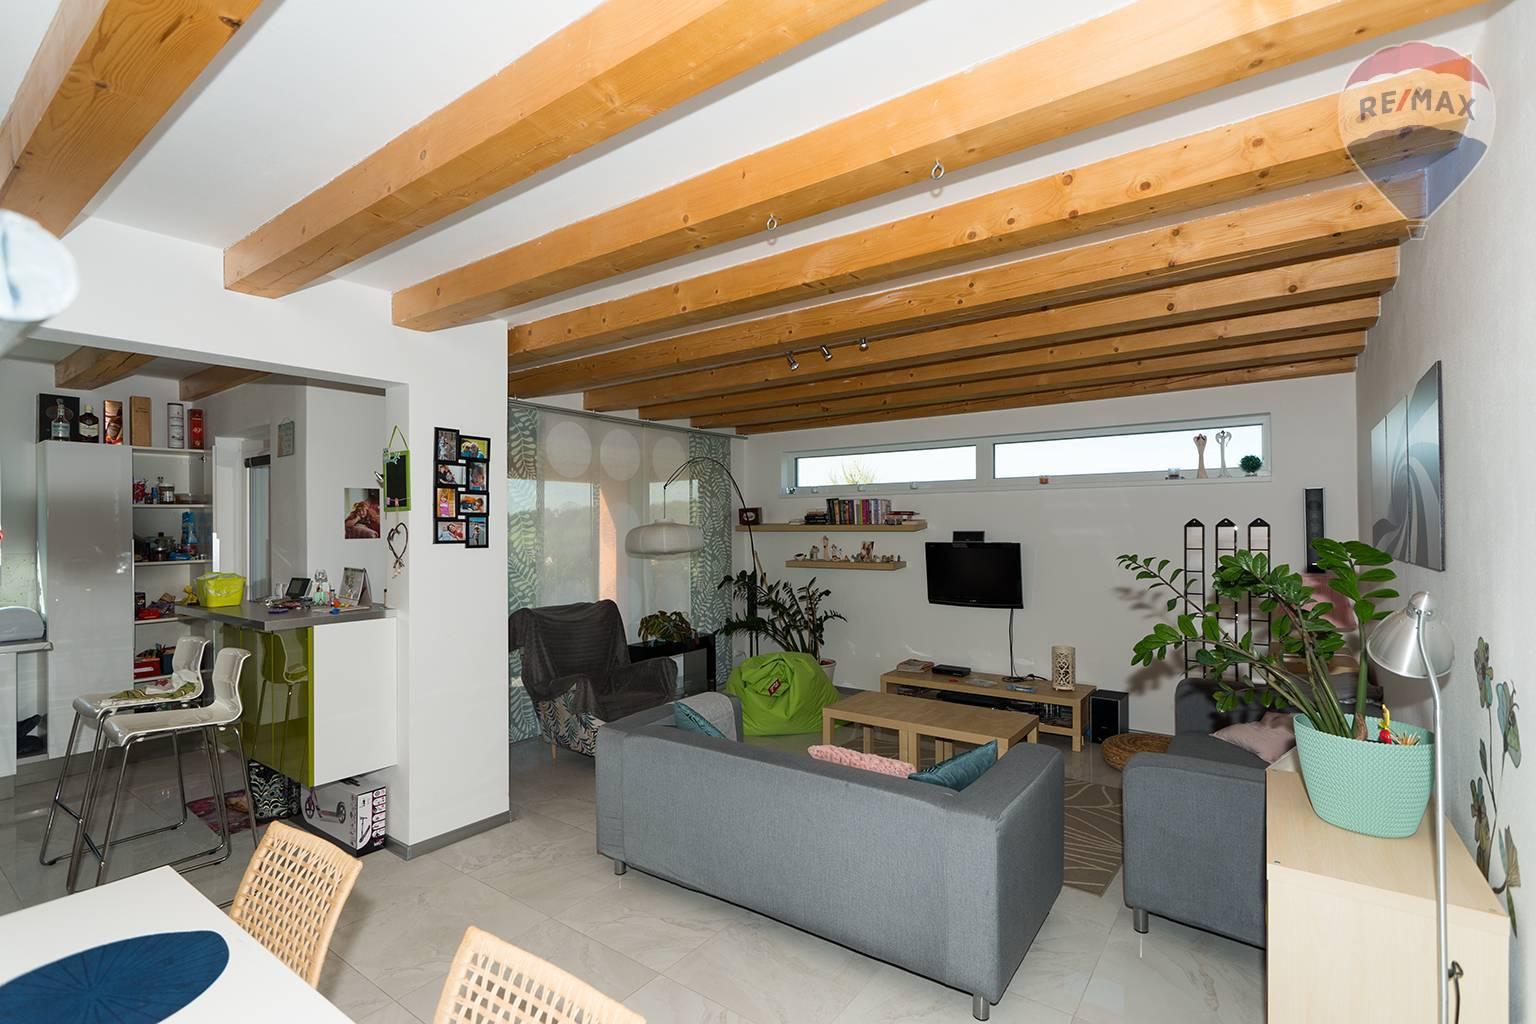 Predaj domu 163 m2, Liptovský Ondrej - spoločenská miestnosť